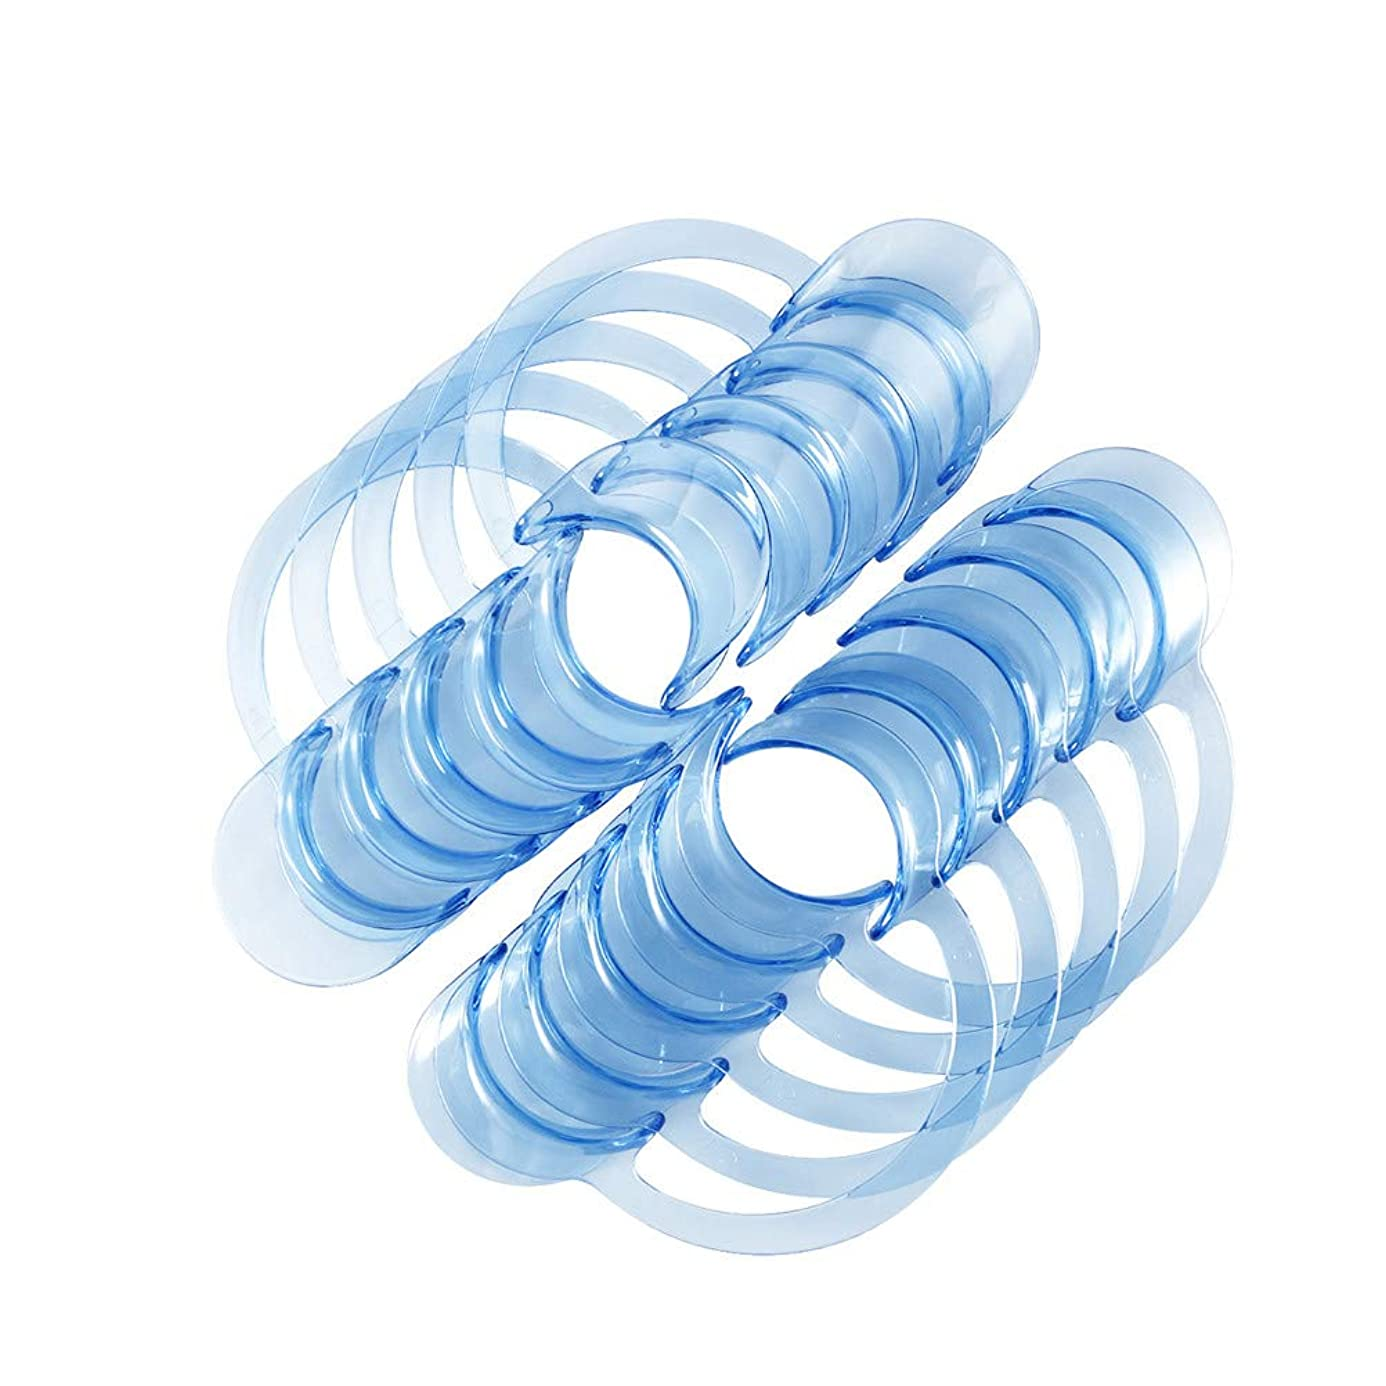 アノイ緯度ピストンSUPVOX 30個入りC字型歯科口オープナーマウスガードチャレンジゲームまたは歯科用ホワイト - L(ブルー)